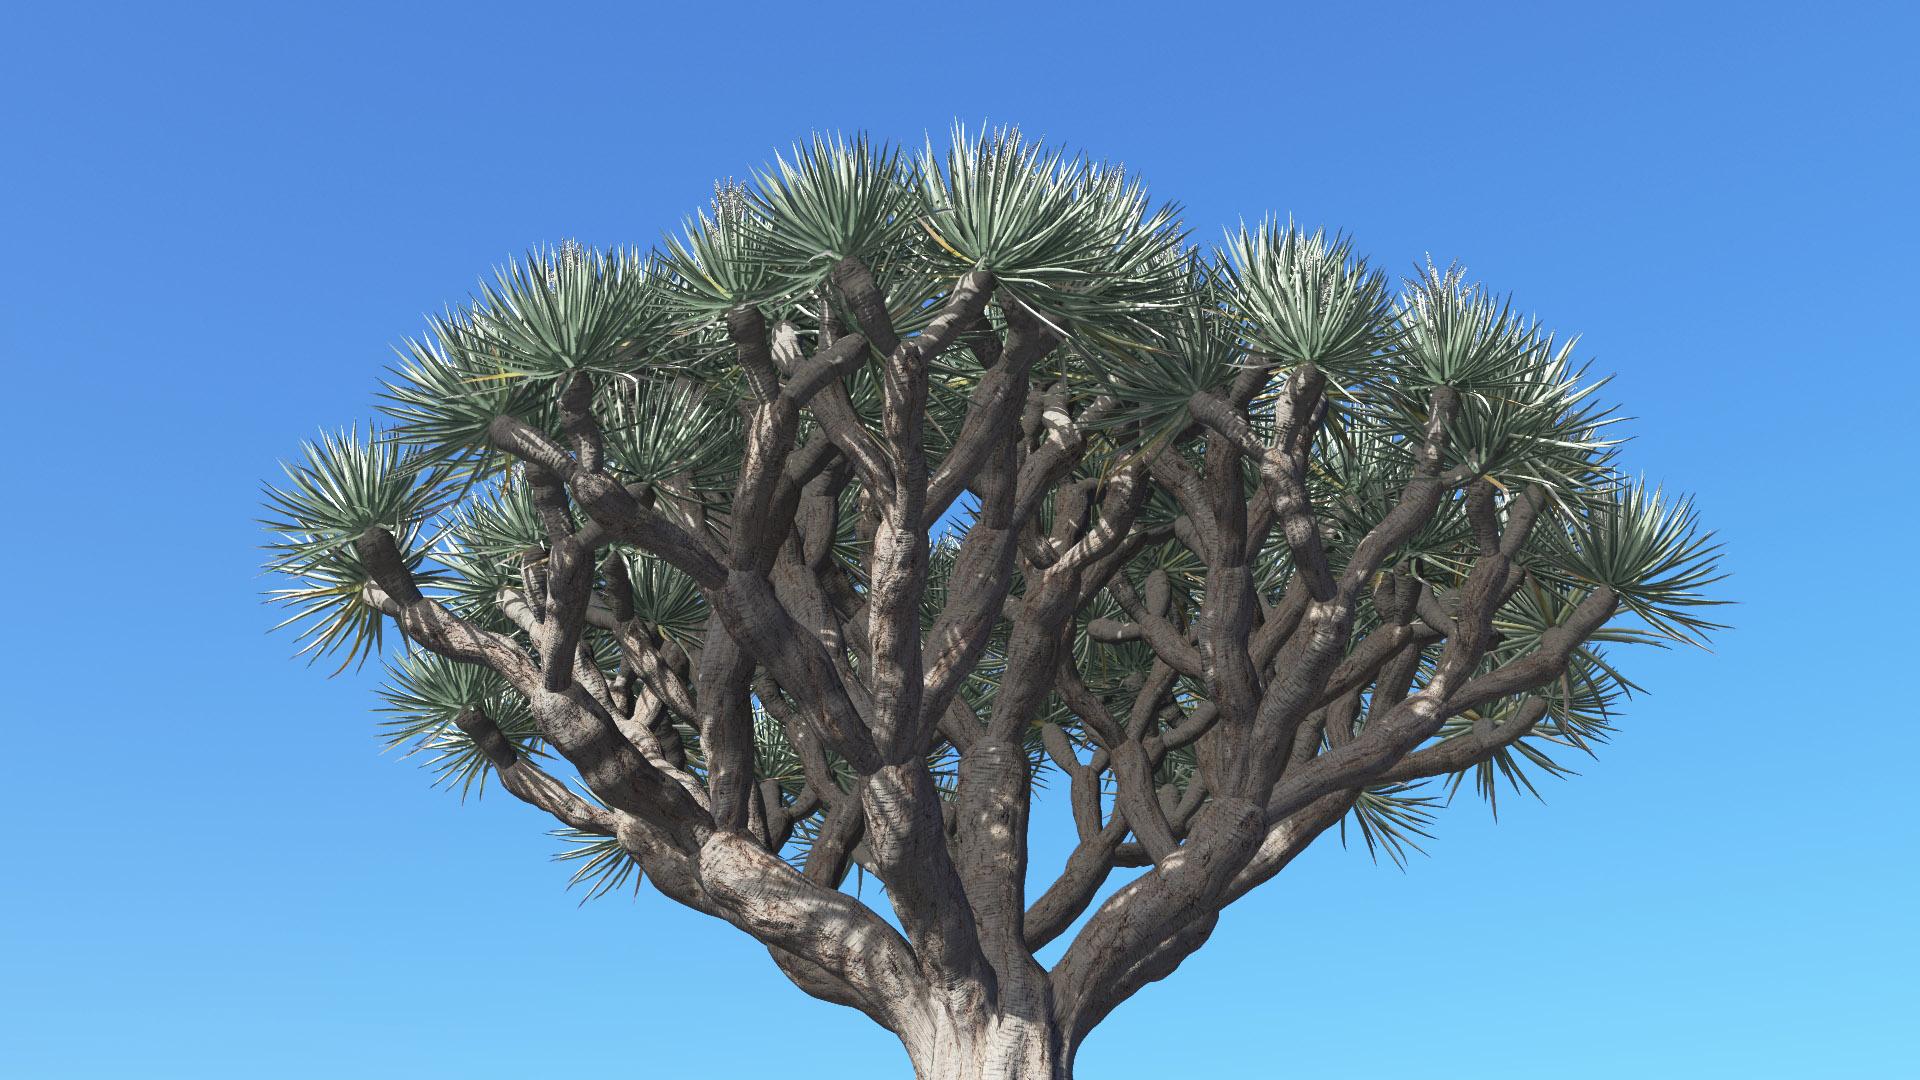 3D model of the Dragon tree Dracaena draco close-up